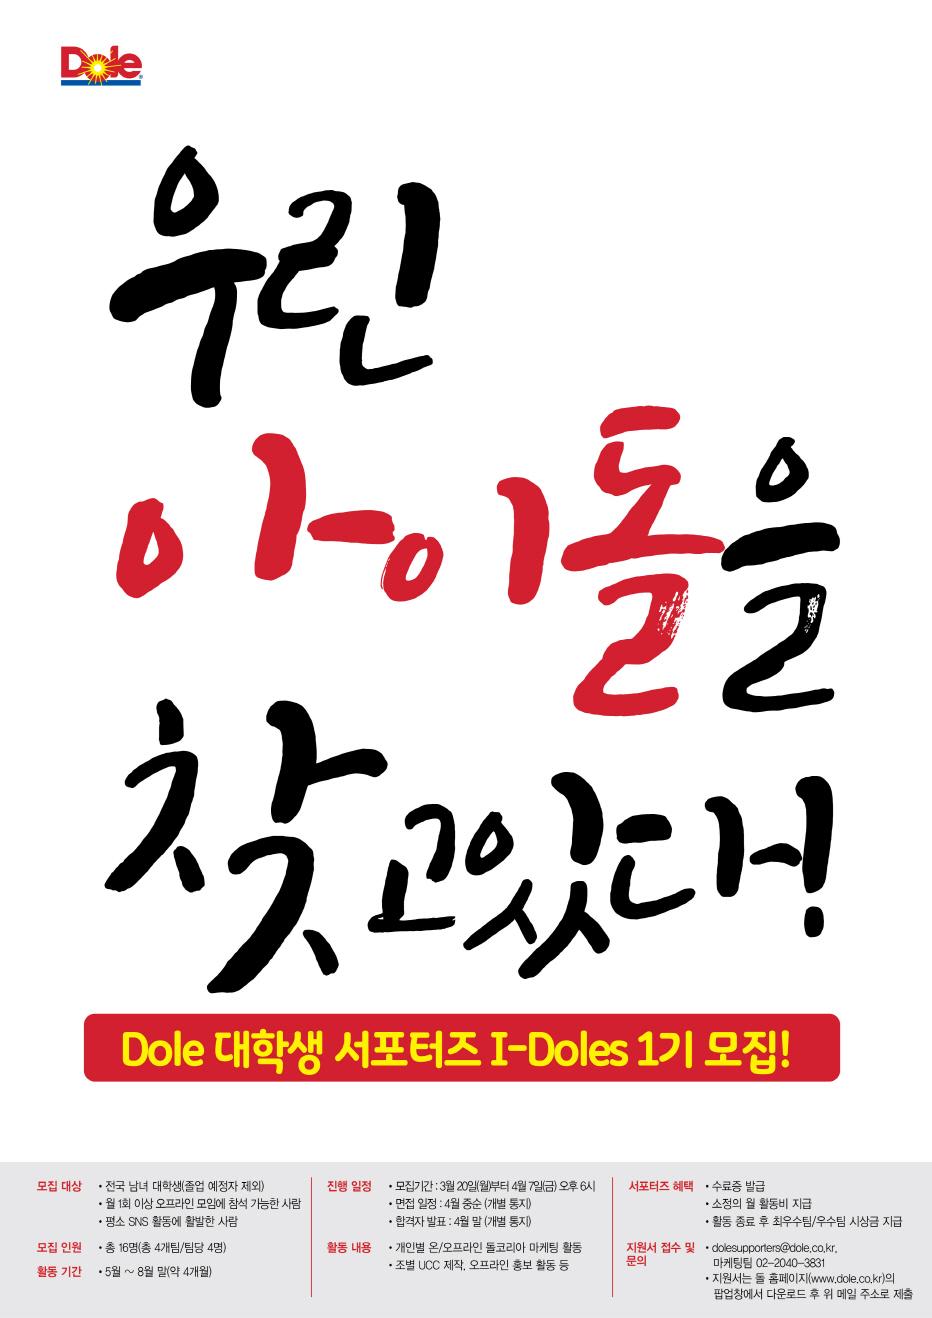 돌(Dole) 코리아 대학생 서포터즈 아이돌스(I-Doles) 1기 모집 포스터.jpg